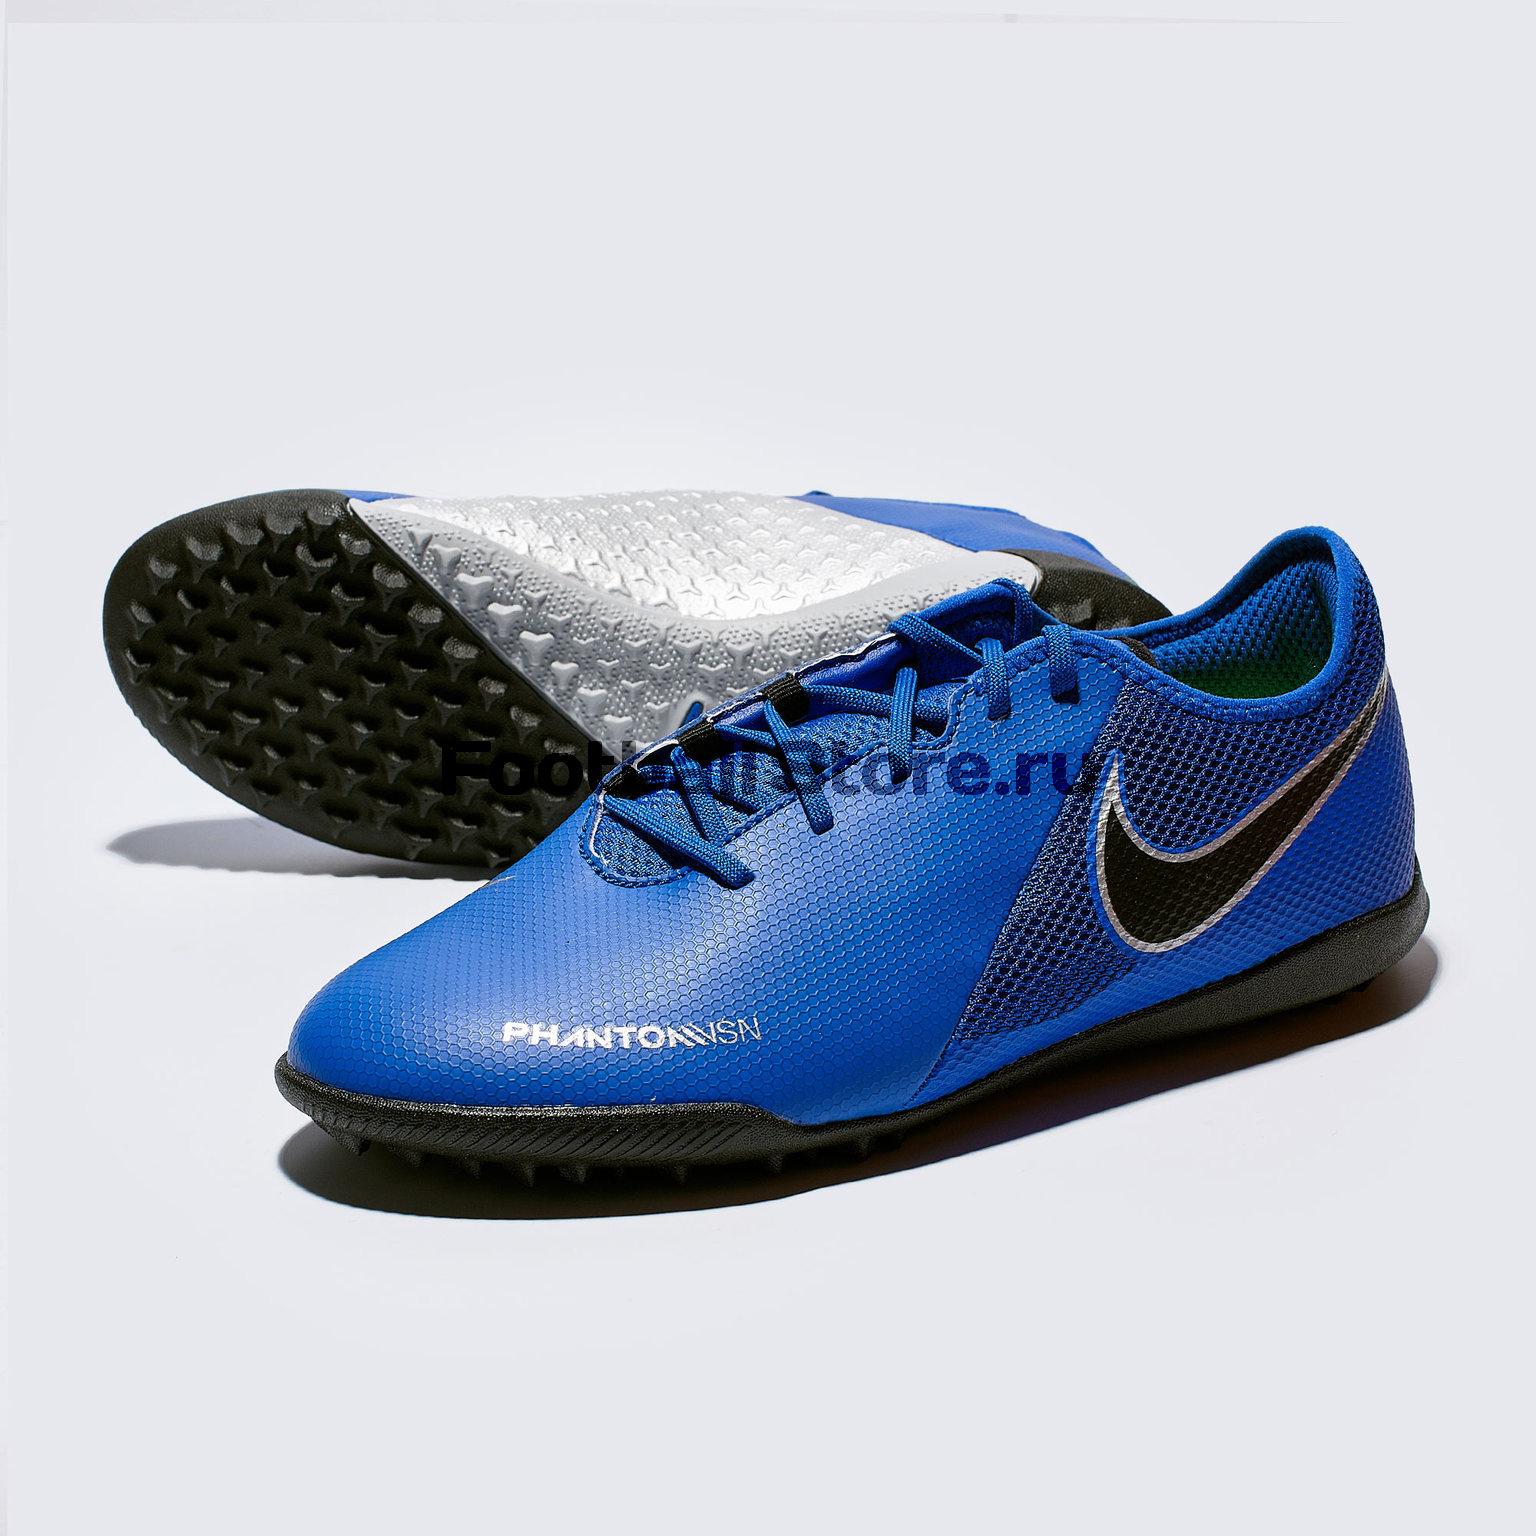 цены на Шиповки Nike Phantom Vision Academy TF AO3223-400  в интернет-магазинах